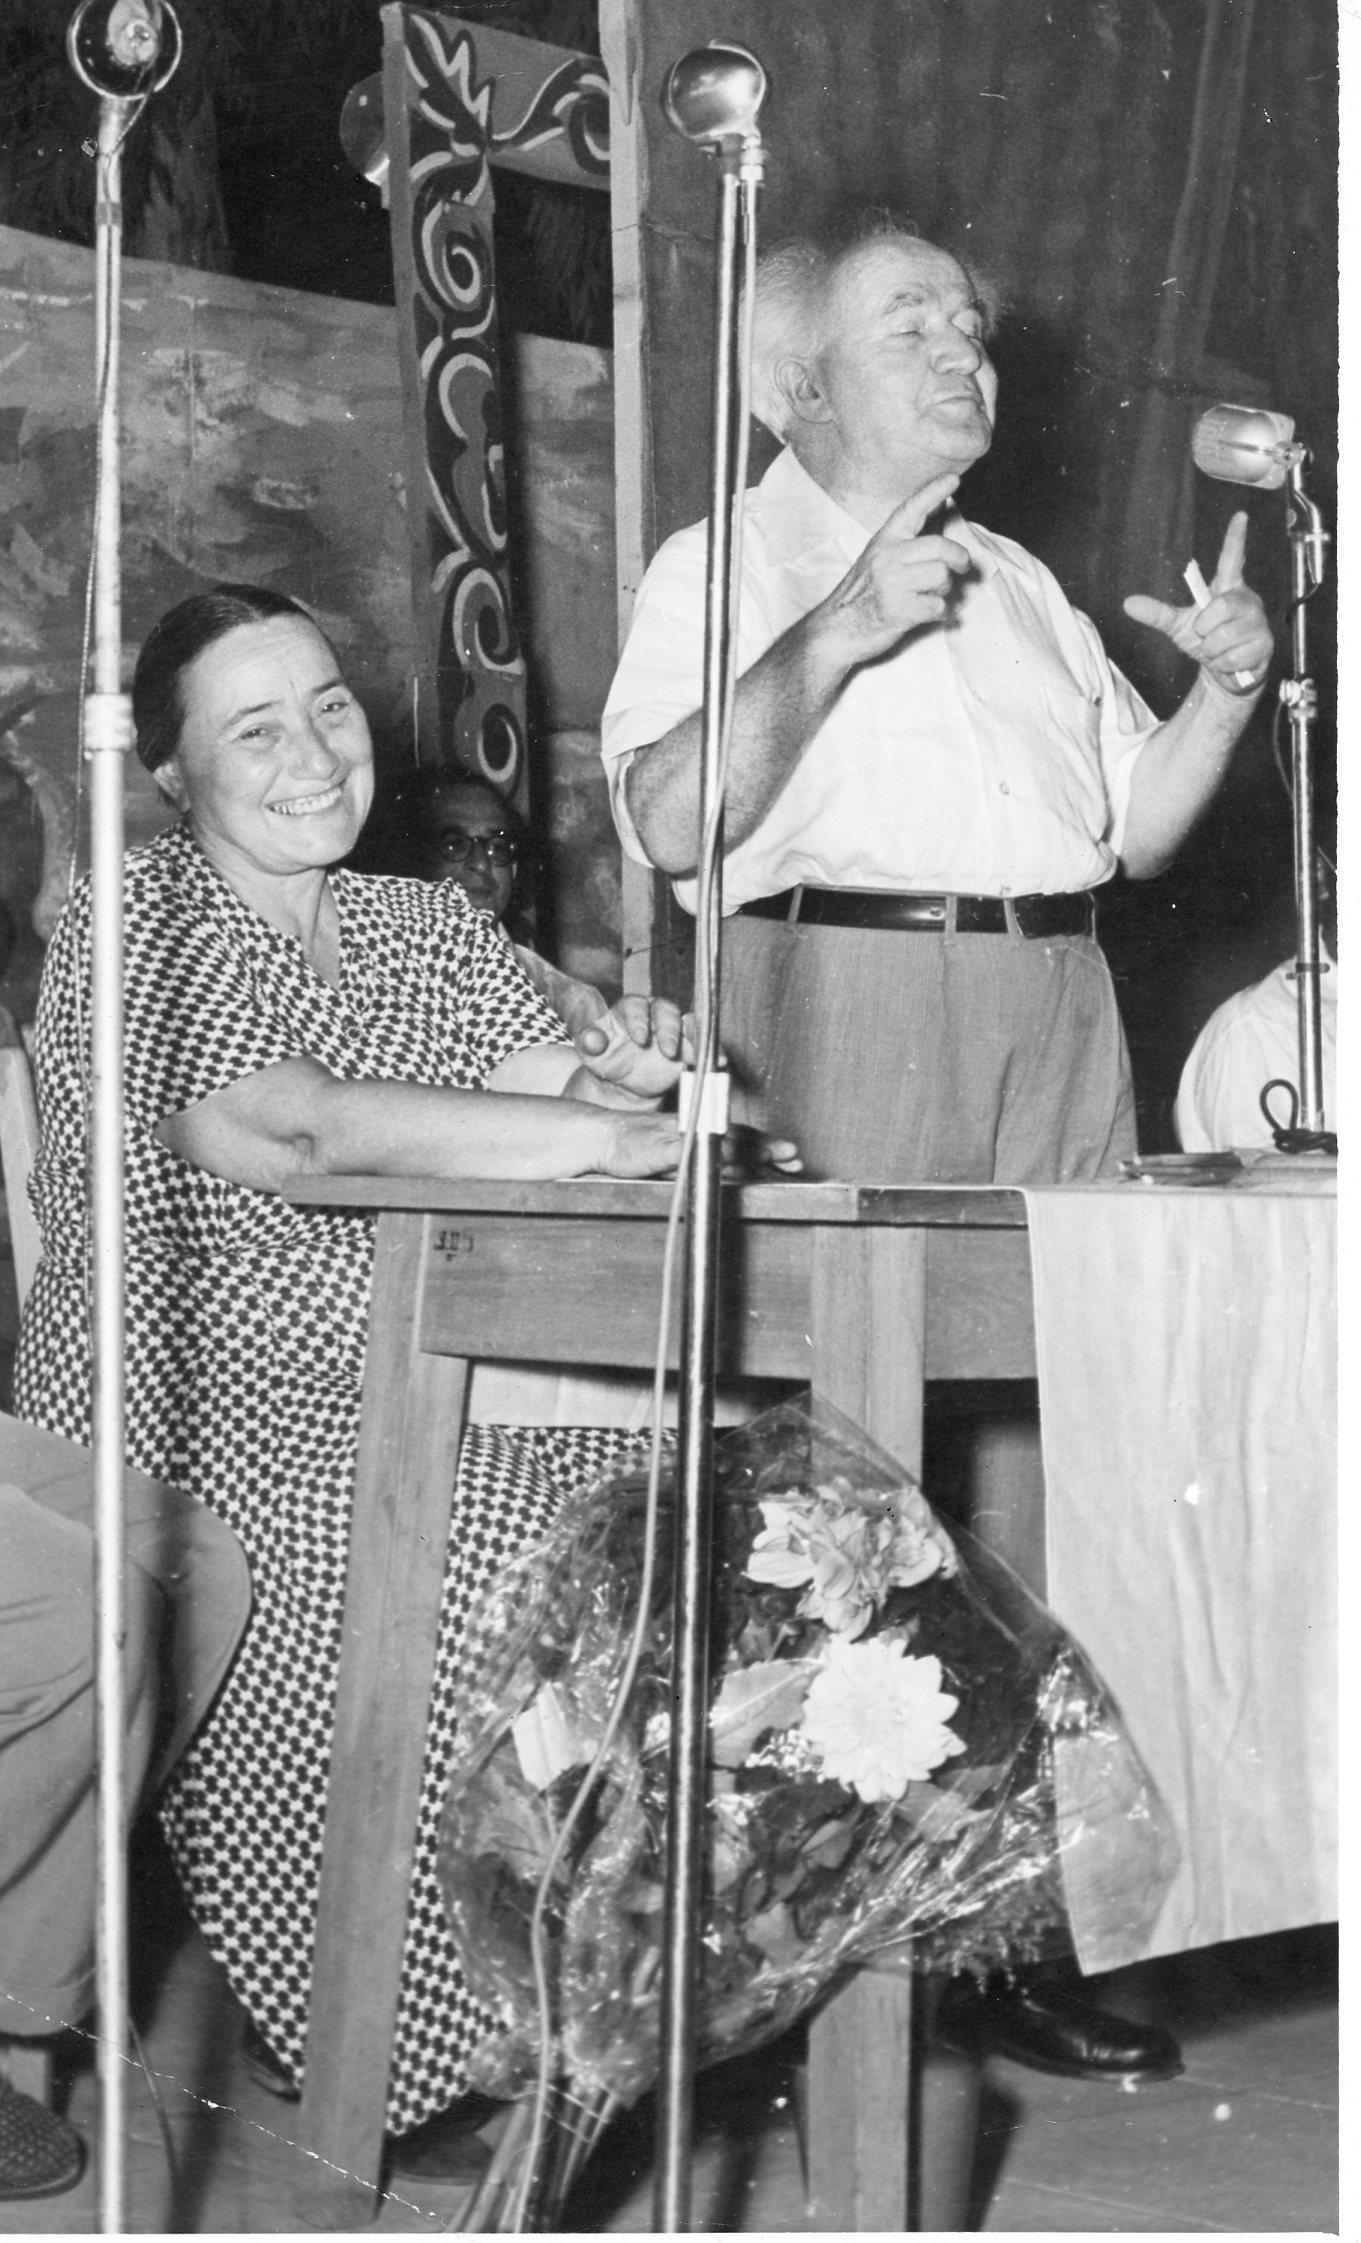 חנה לוין עם דוד בן גוריון